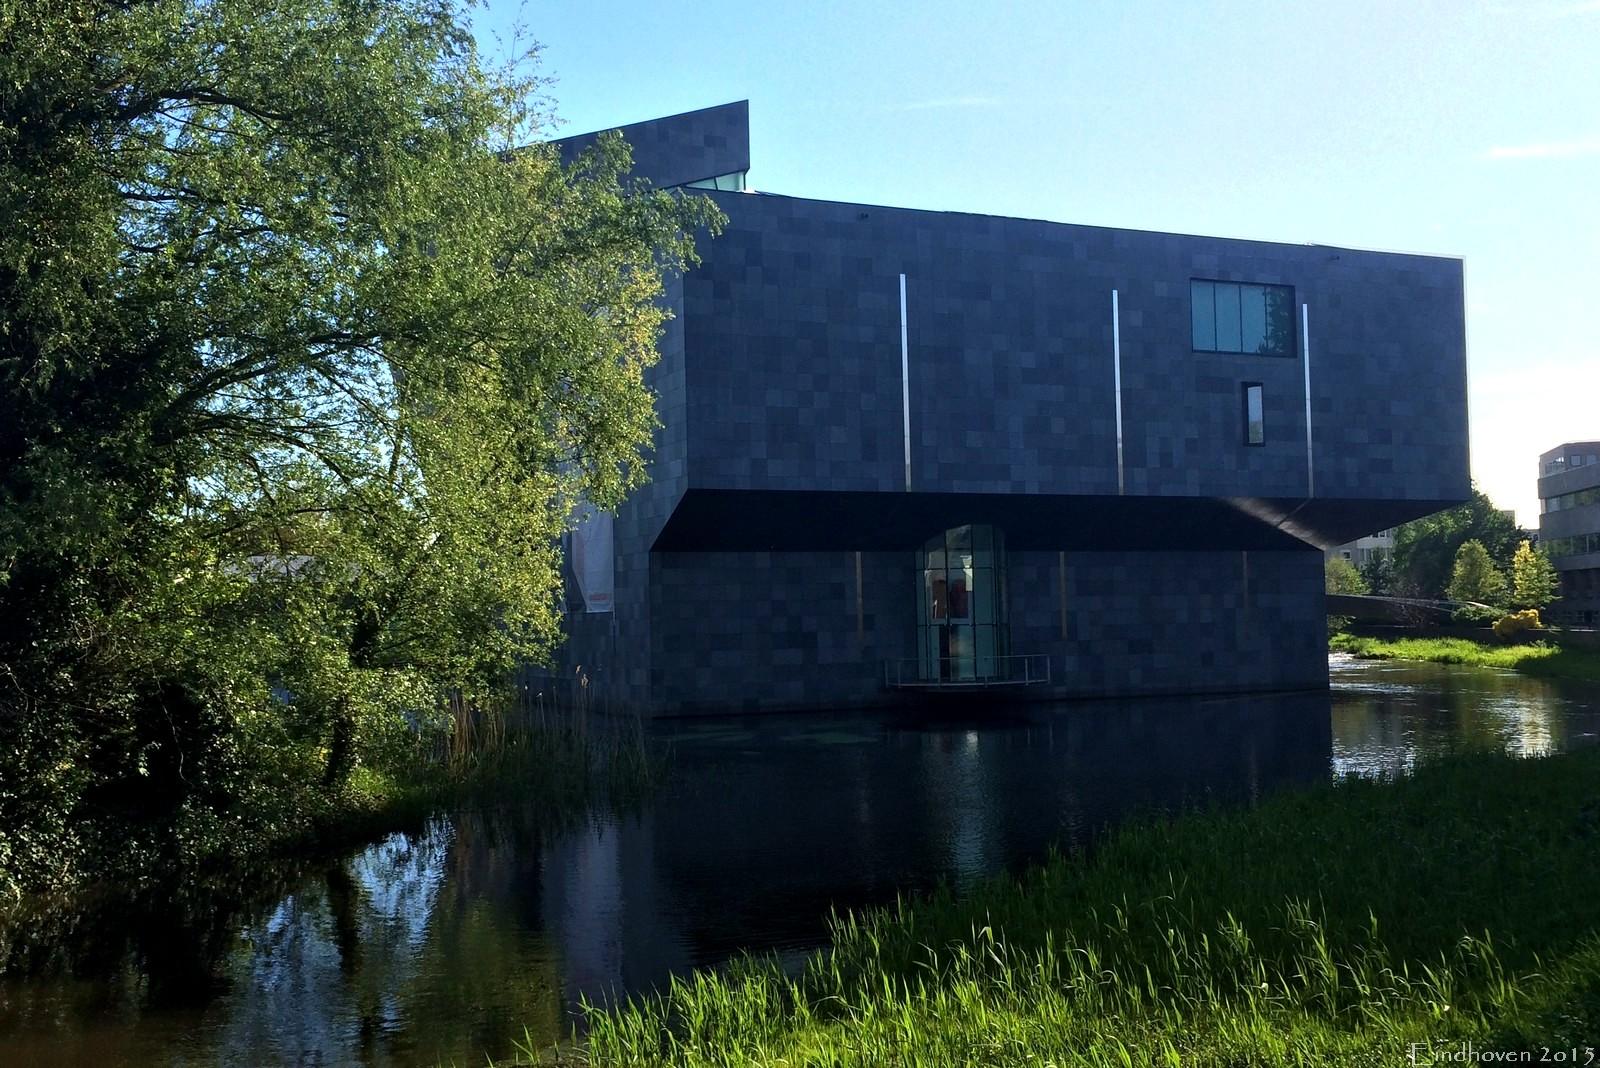 Van Abbemuseum, Eindhoven, The Netherlands